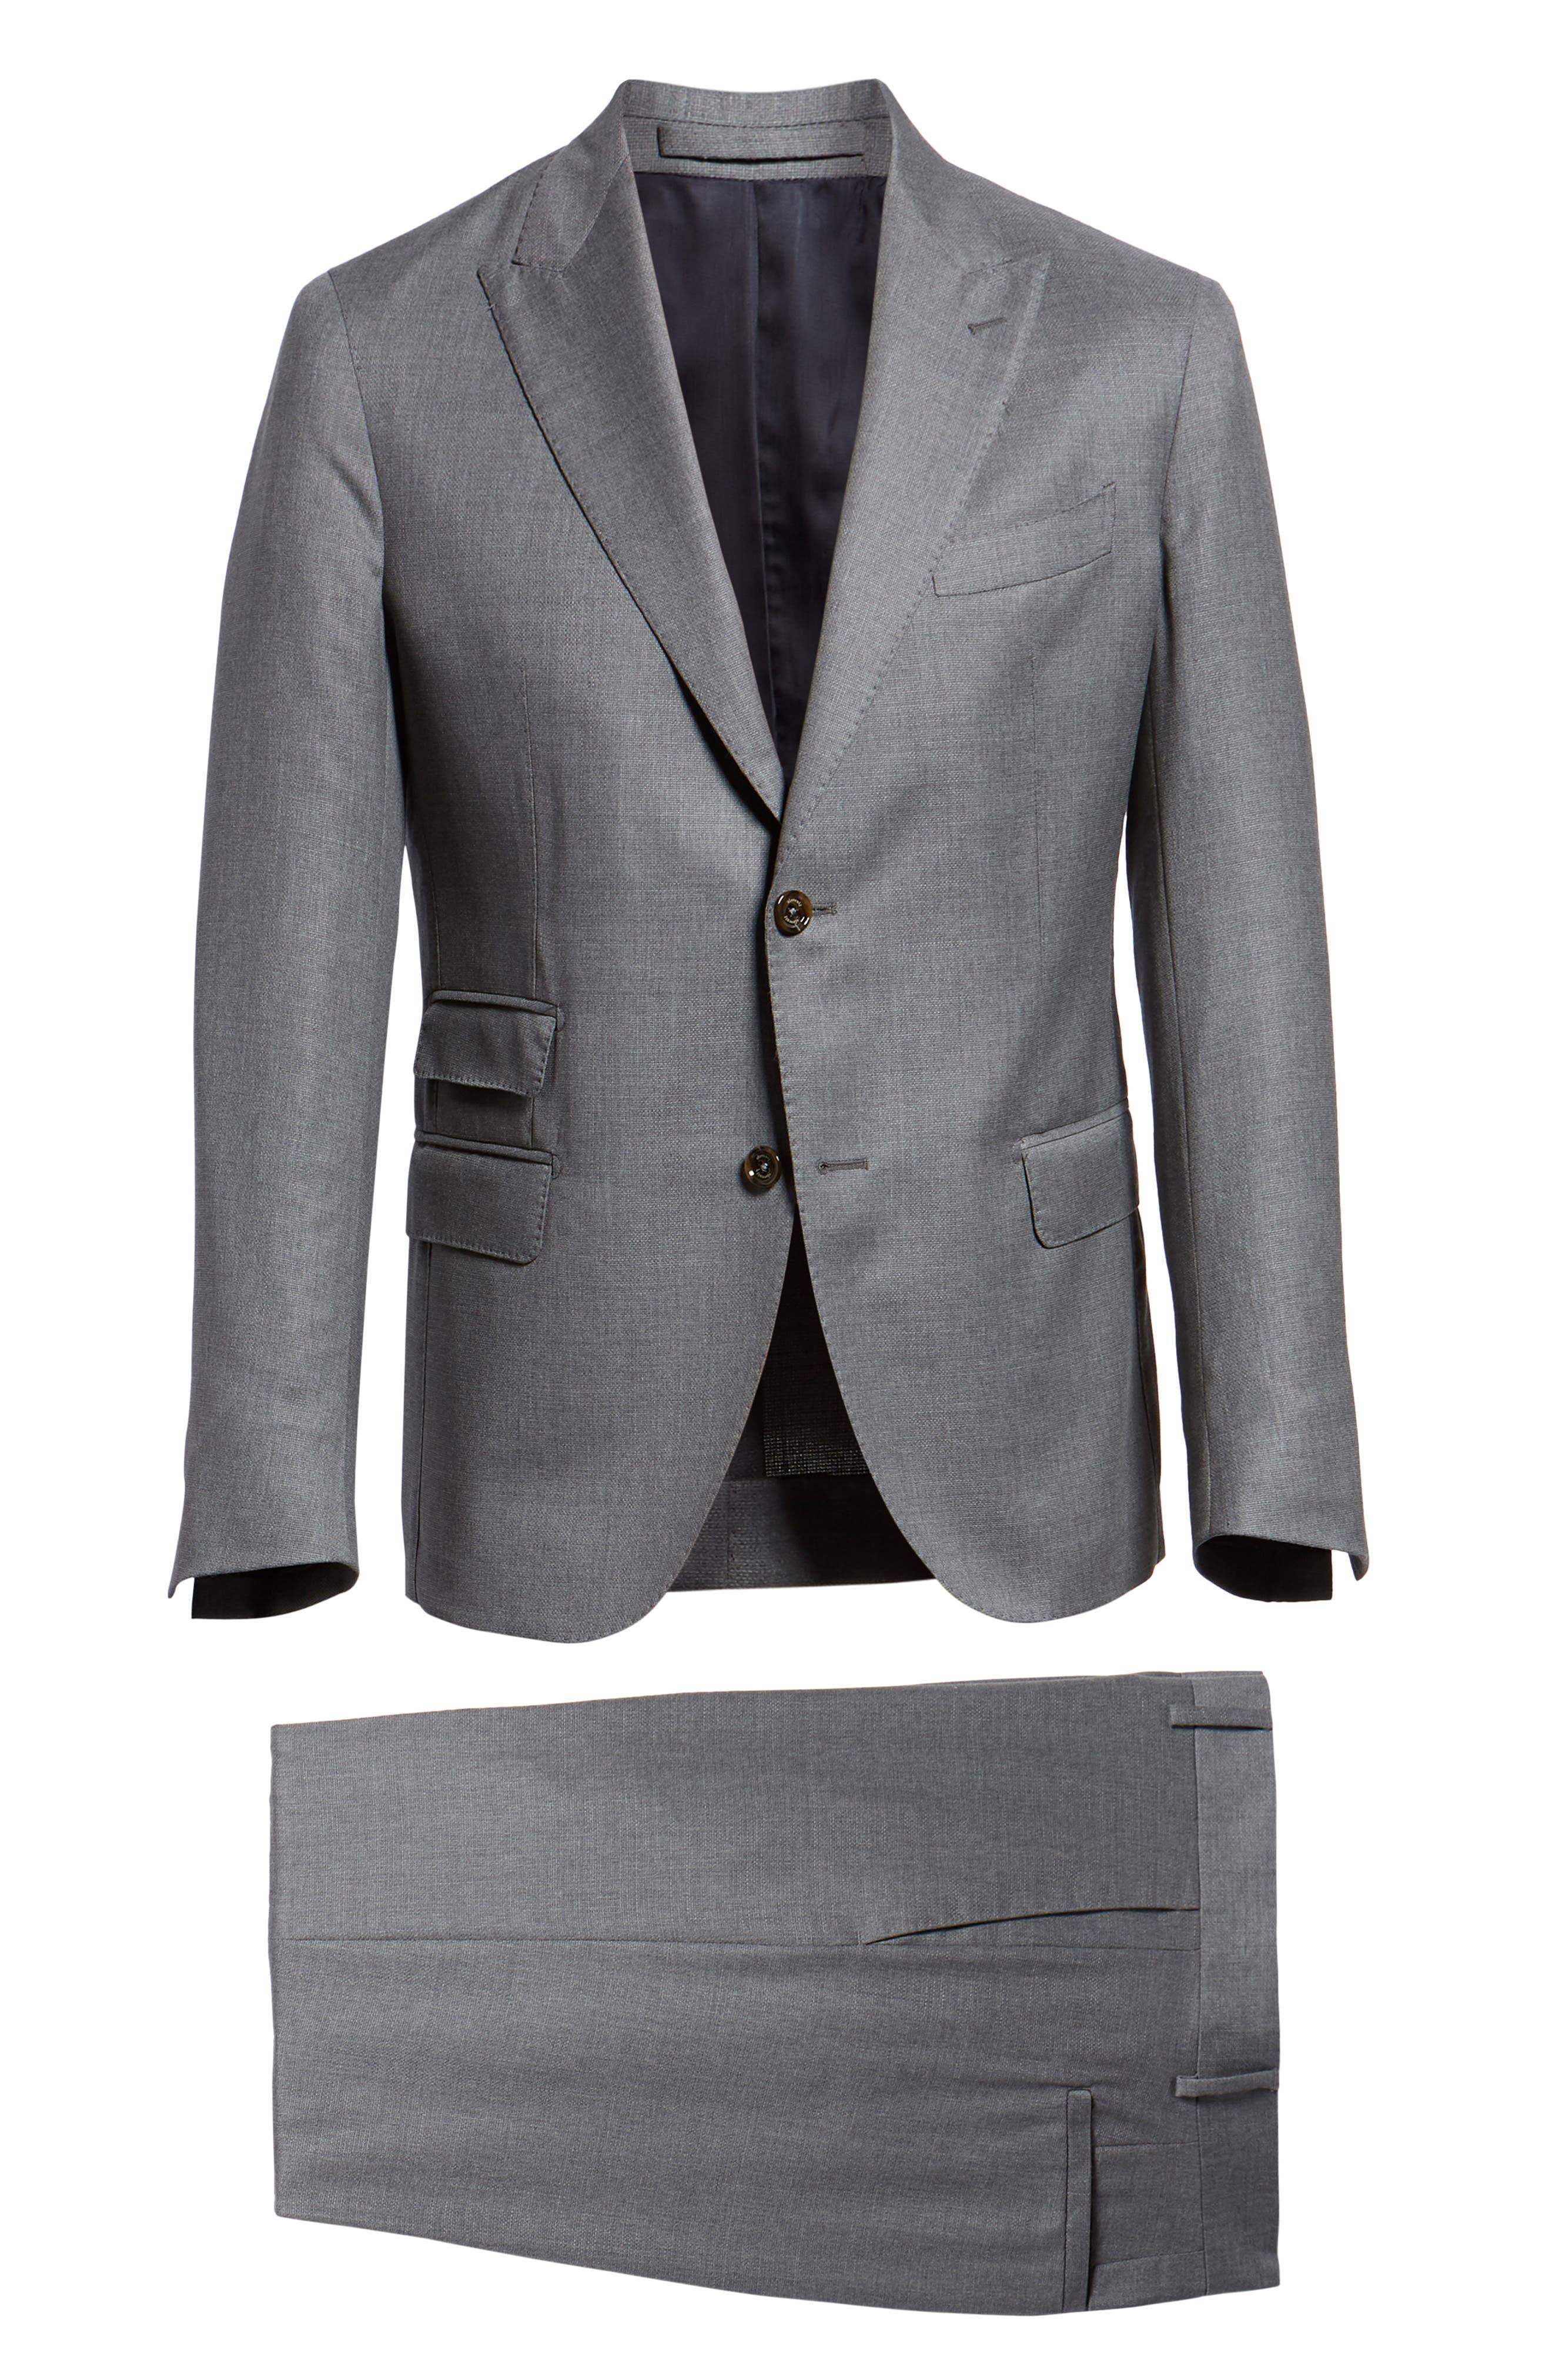 Trim Fit Wool Suit,                             Alternate thumbnail 8, color,                             LIGHT GREY